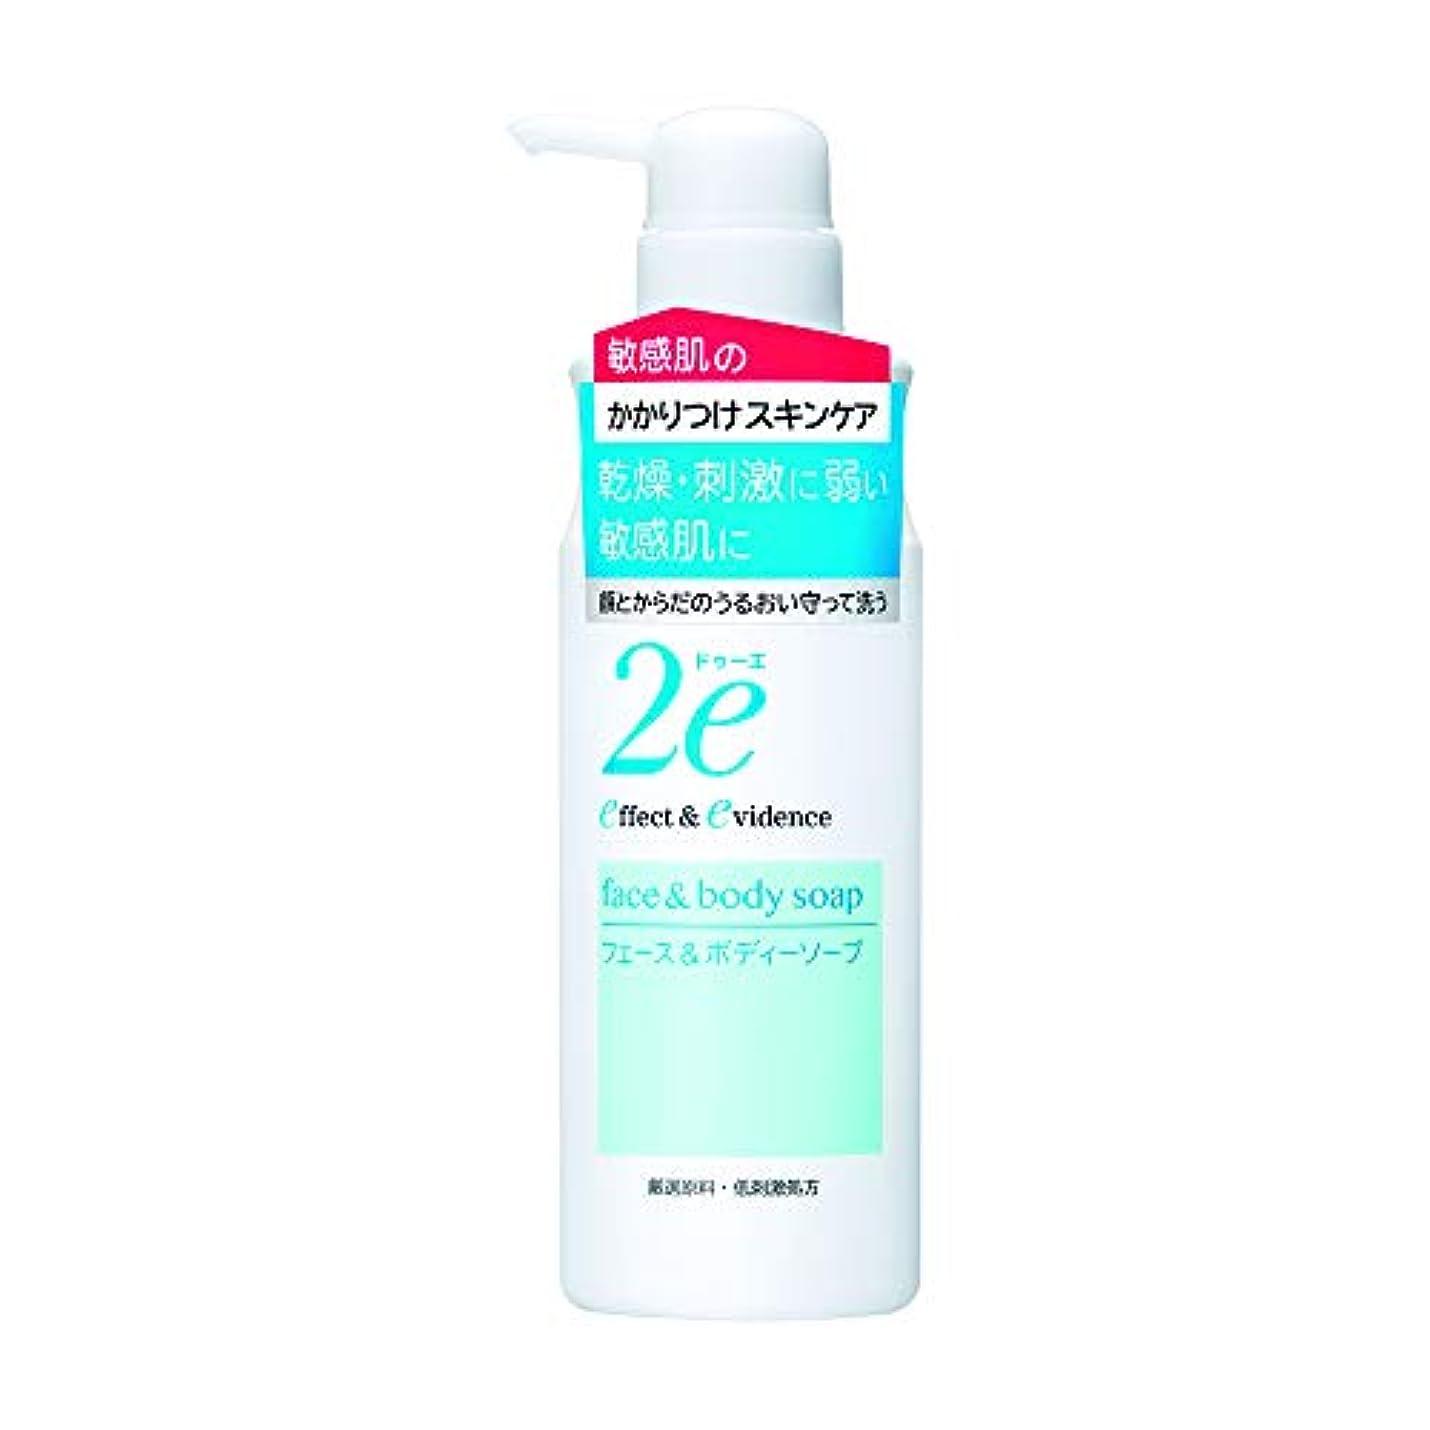 凝縮する起きる首相2e(ドゥーエ) フェース&ボディーソープ 敏感肌用洗浄料 低刺激処方 420ml ボディソープ